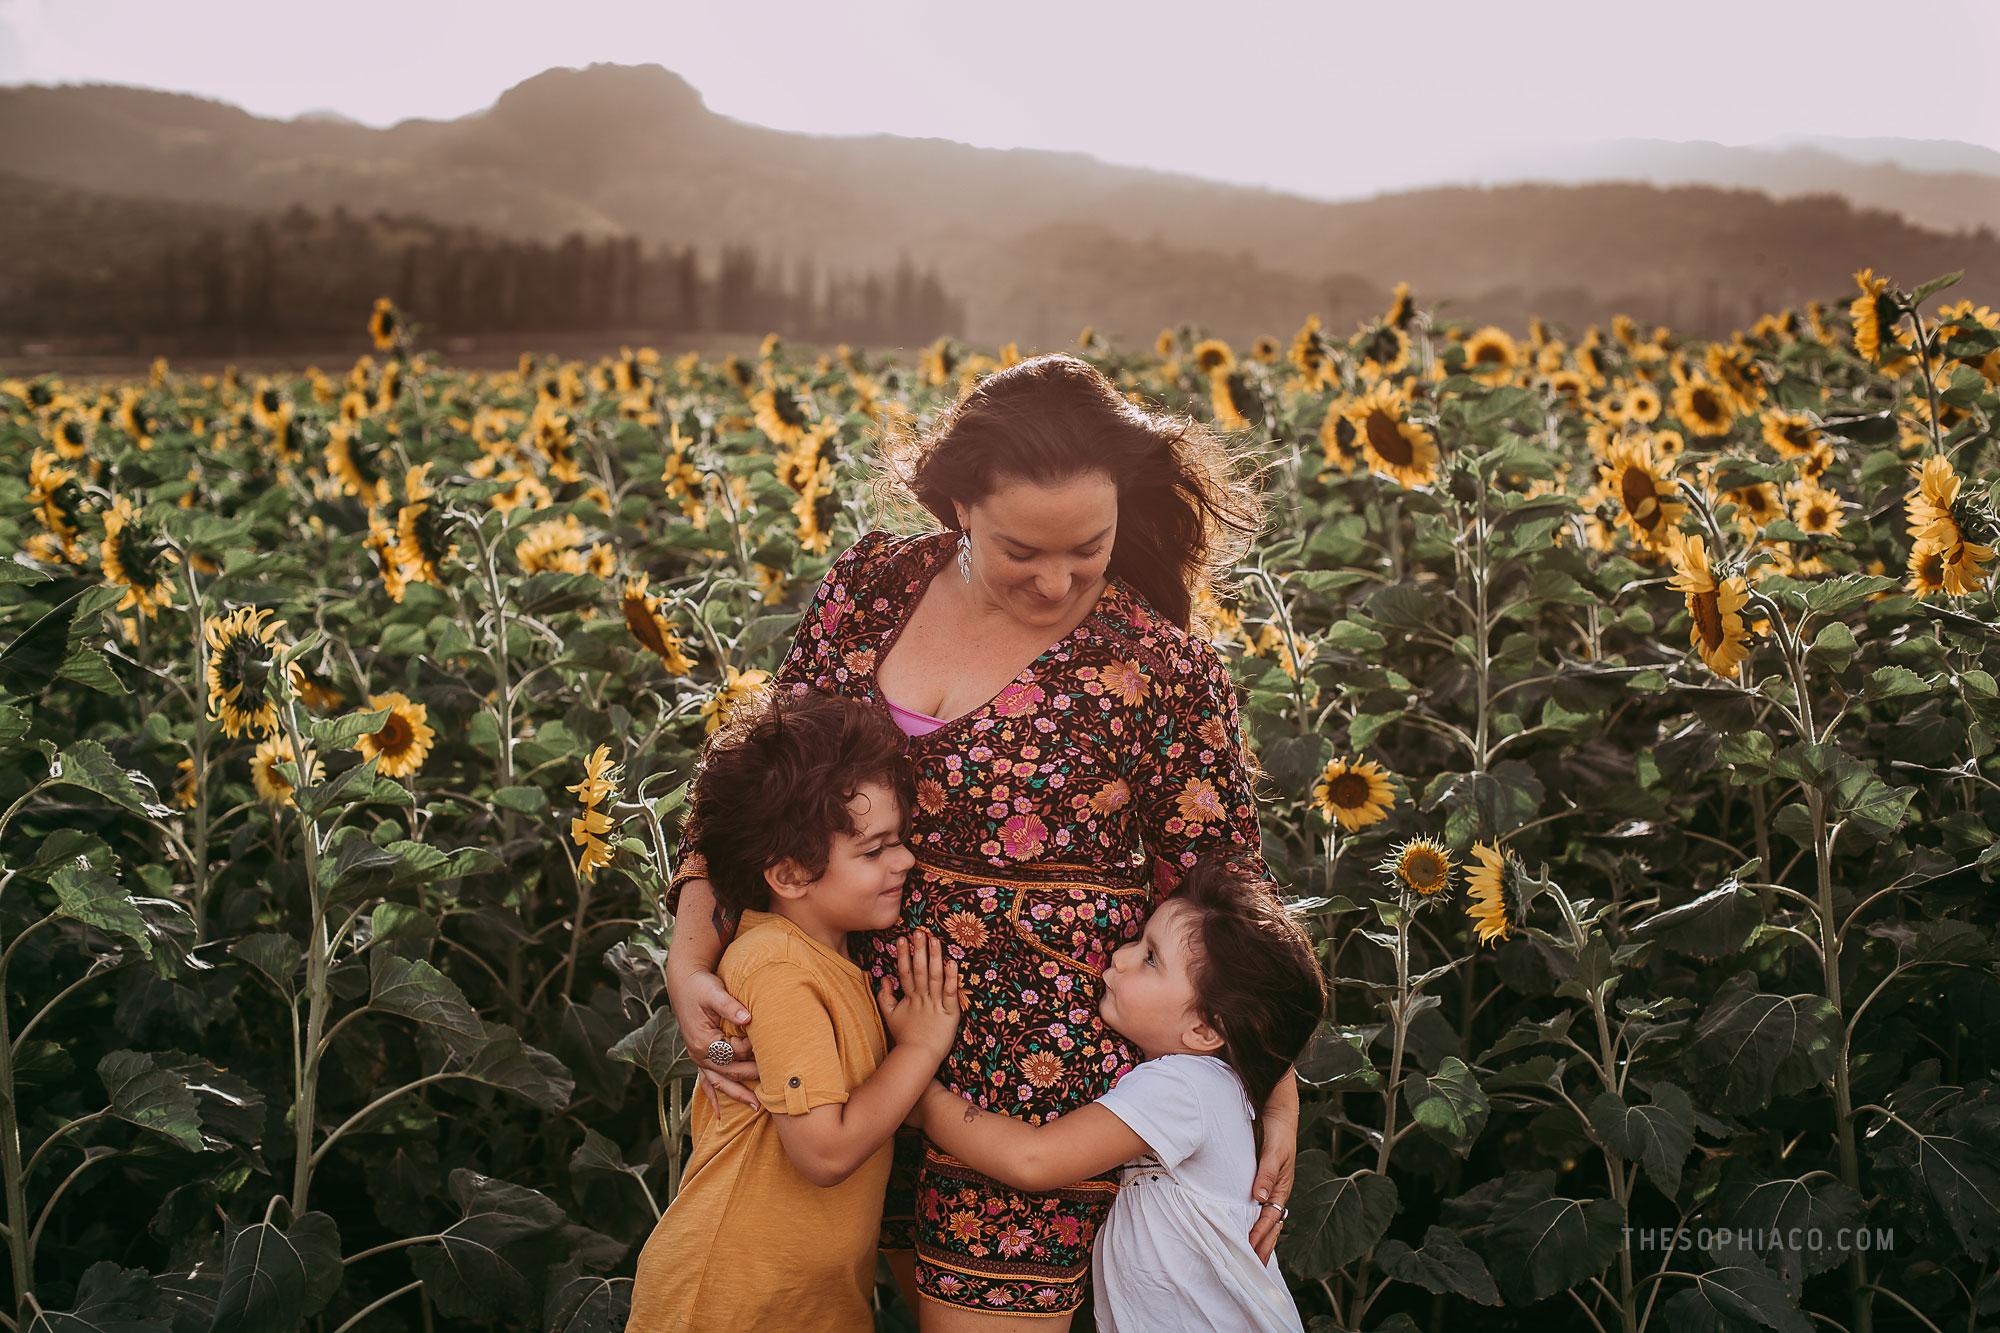 waialua-sunflowers-oahu-family-photography-05.jpg